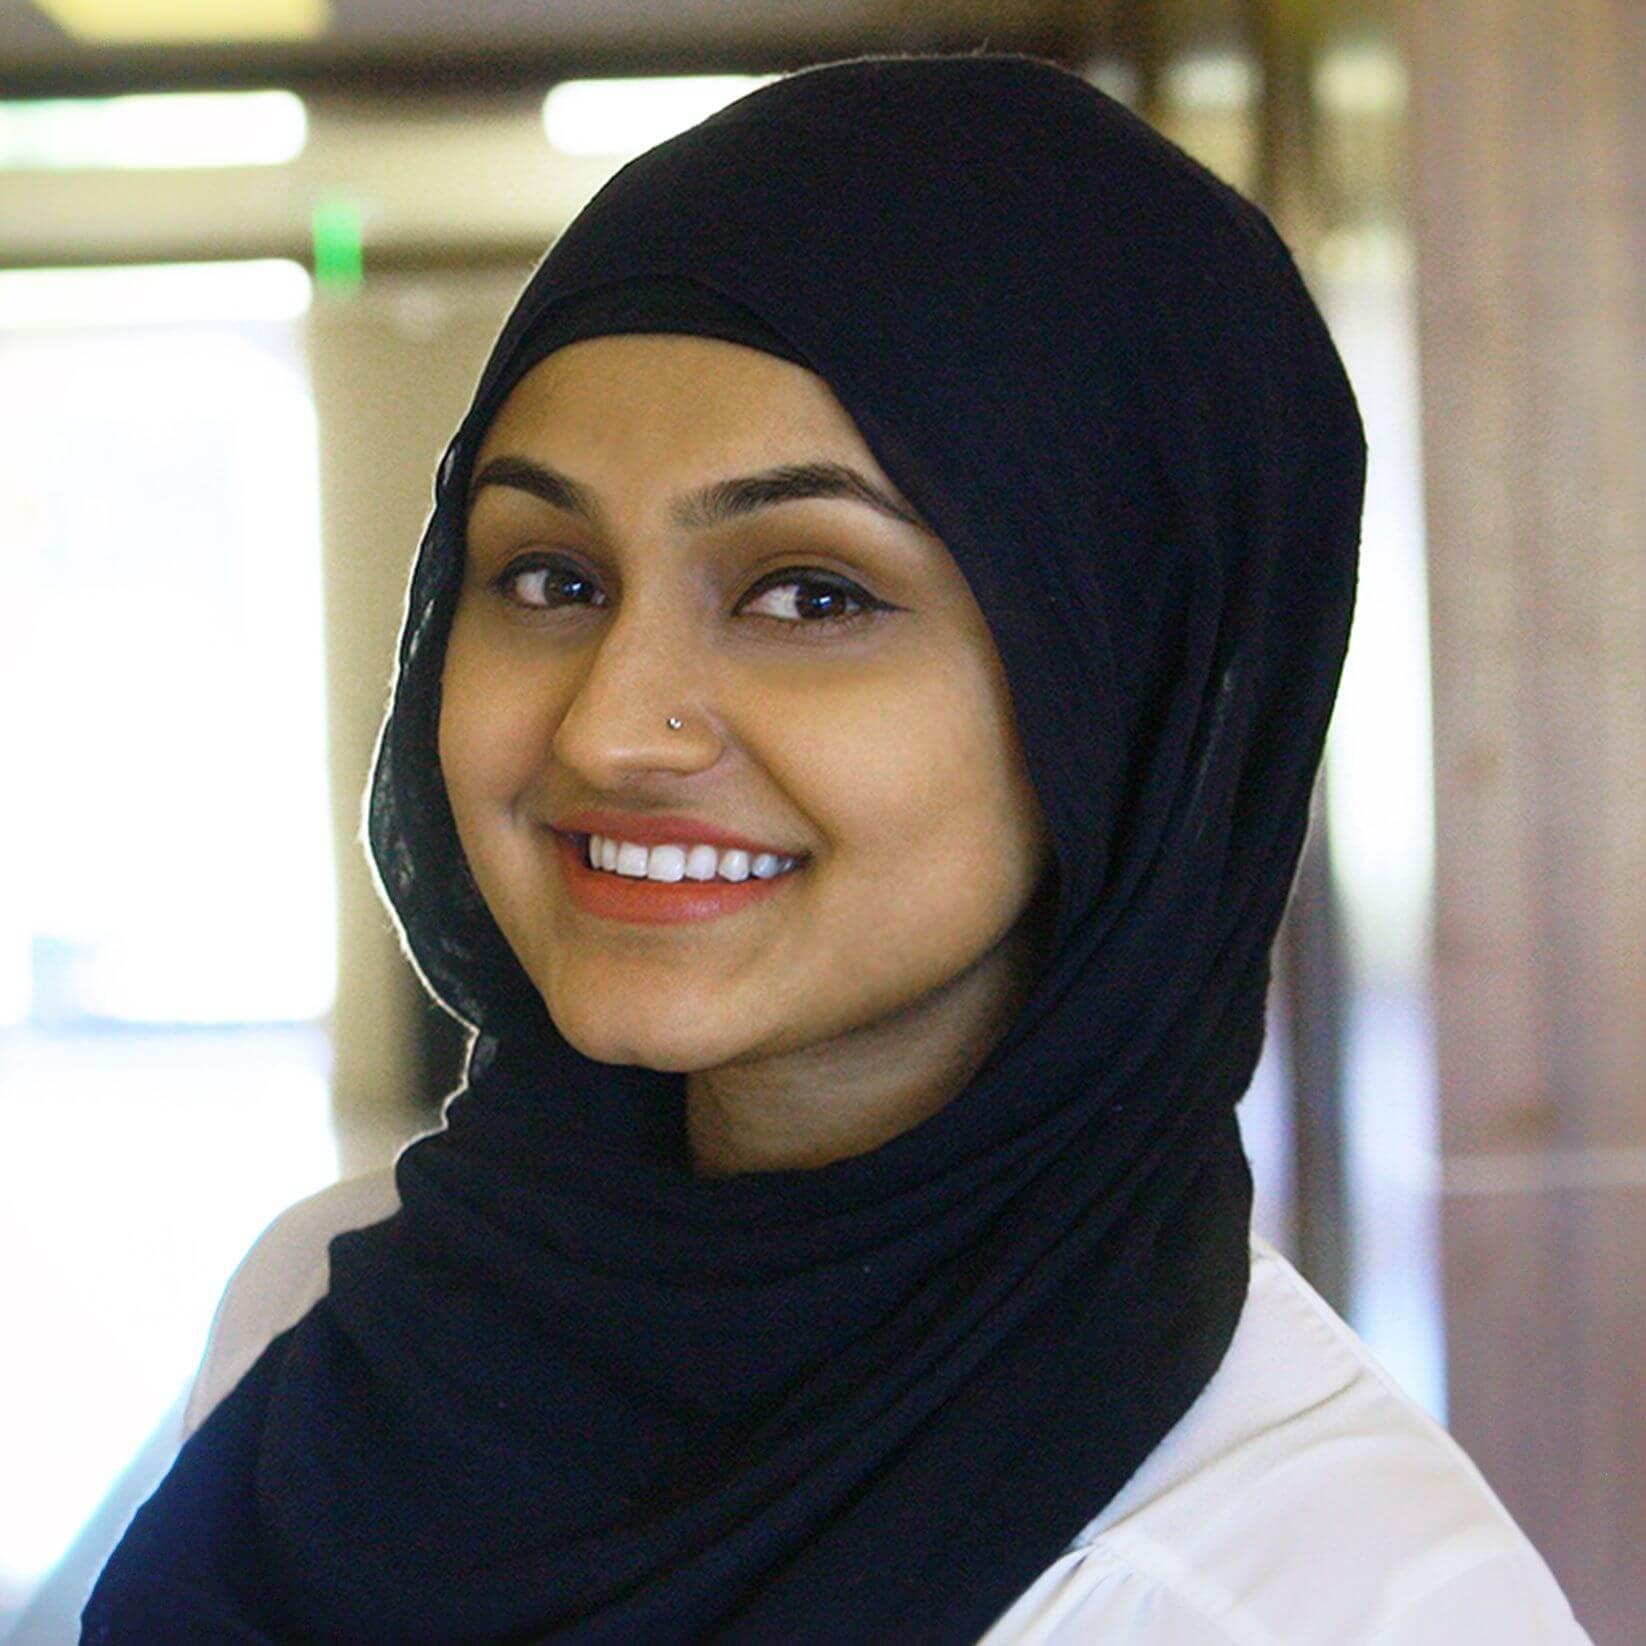 Javariah Ahmed, UI/UX Designer in Dallas for Mojoe Media Labs